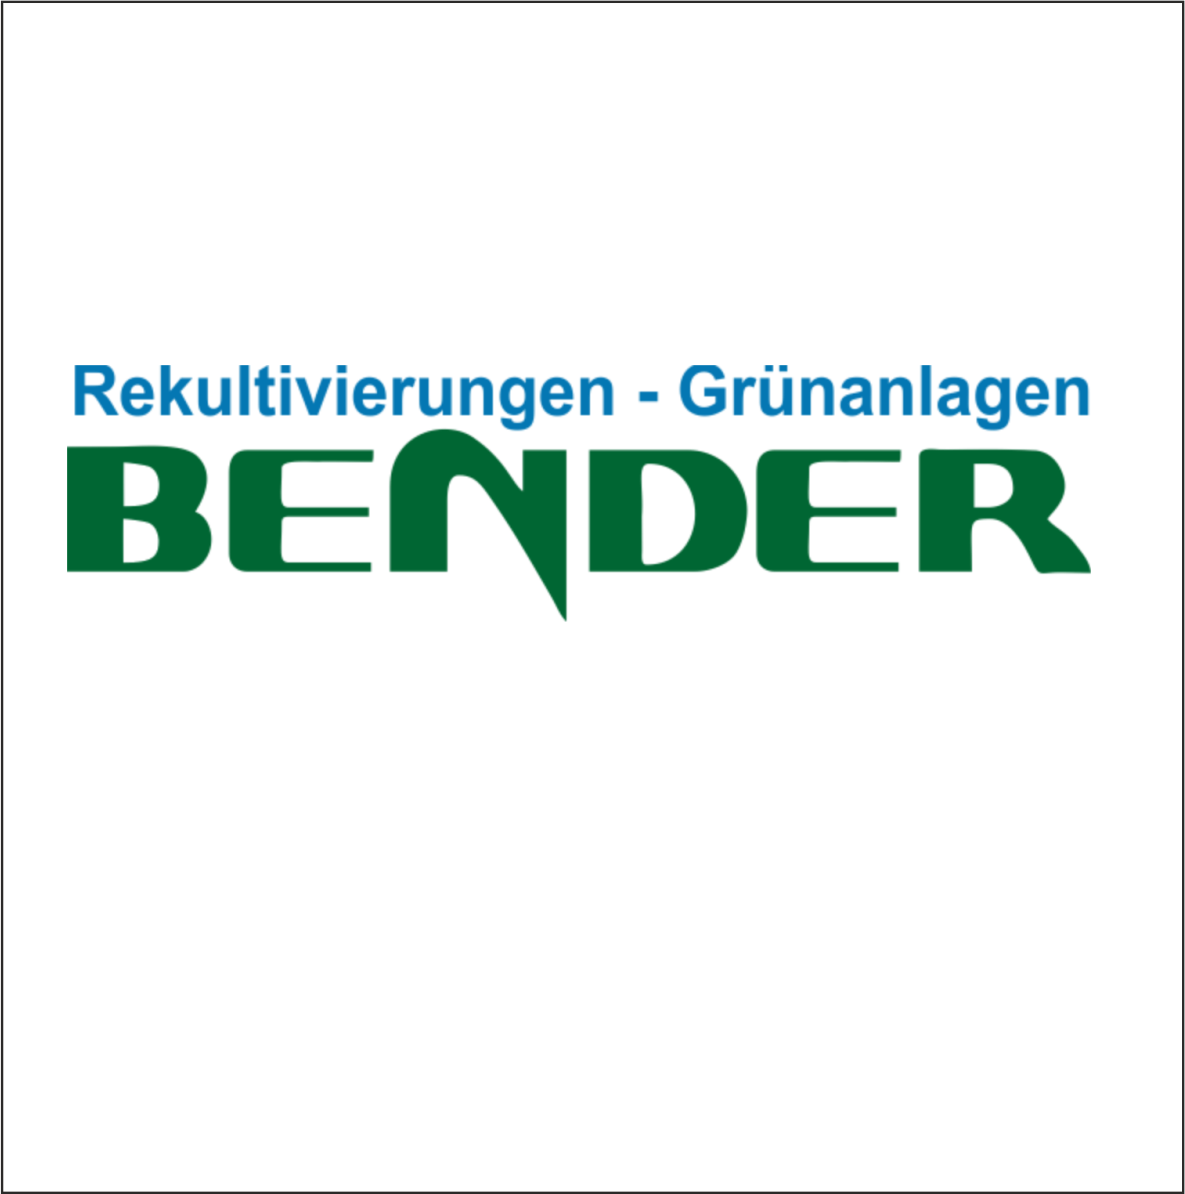 Bender Grünanlagen